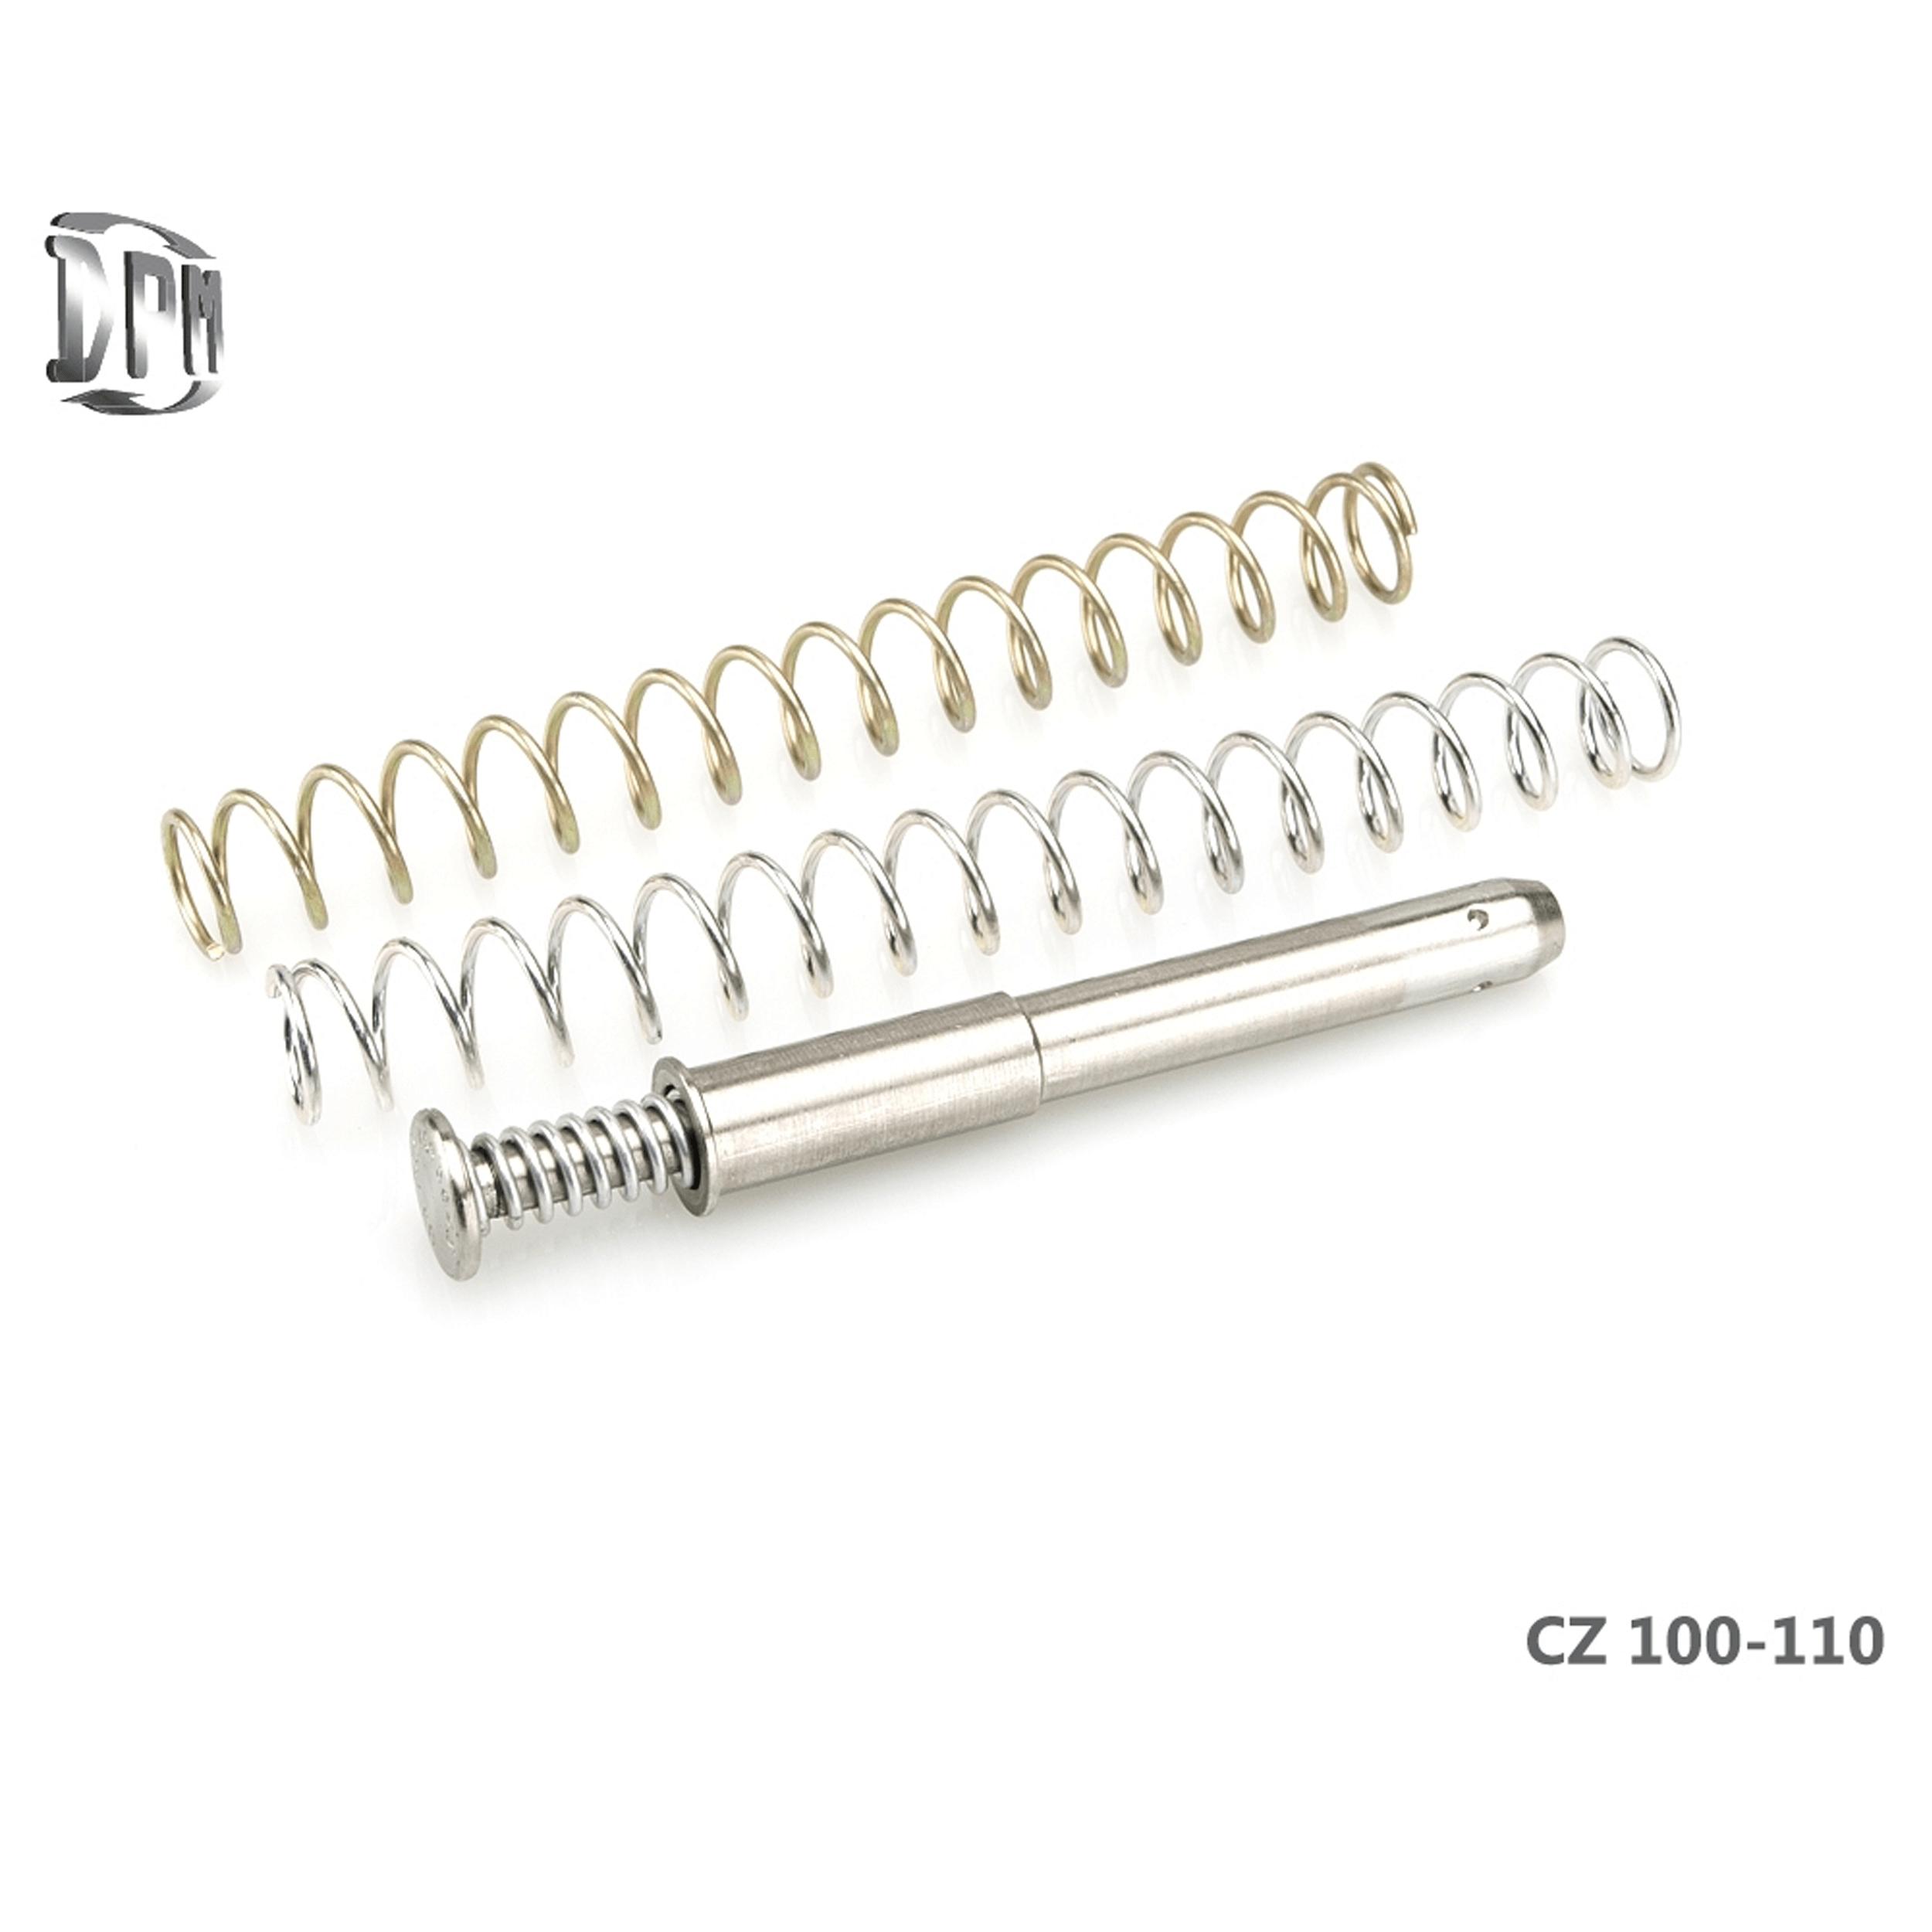 CZ 100 / CZ 110 - 9mm / .40 S&W